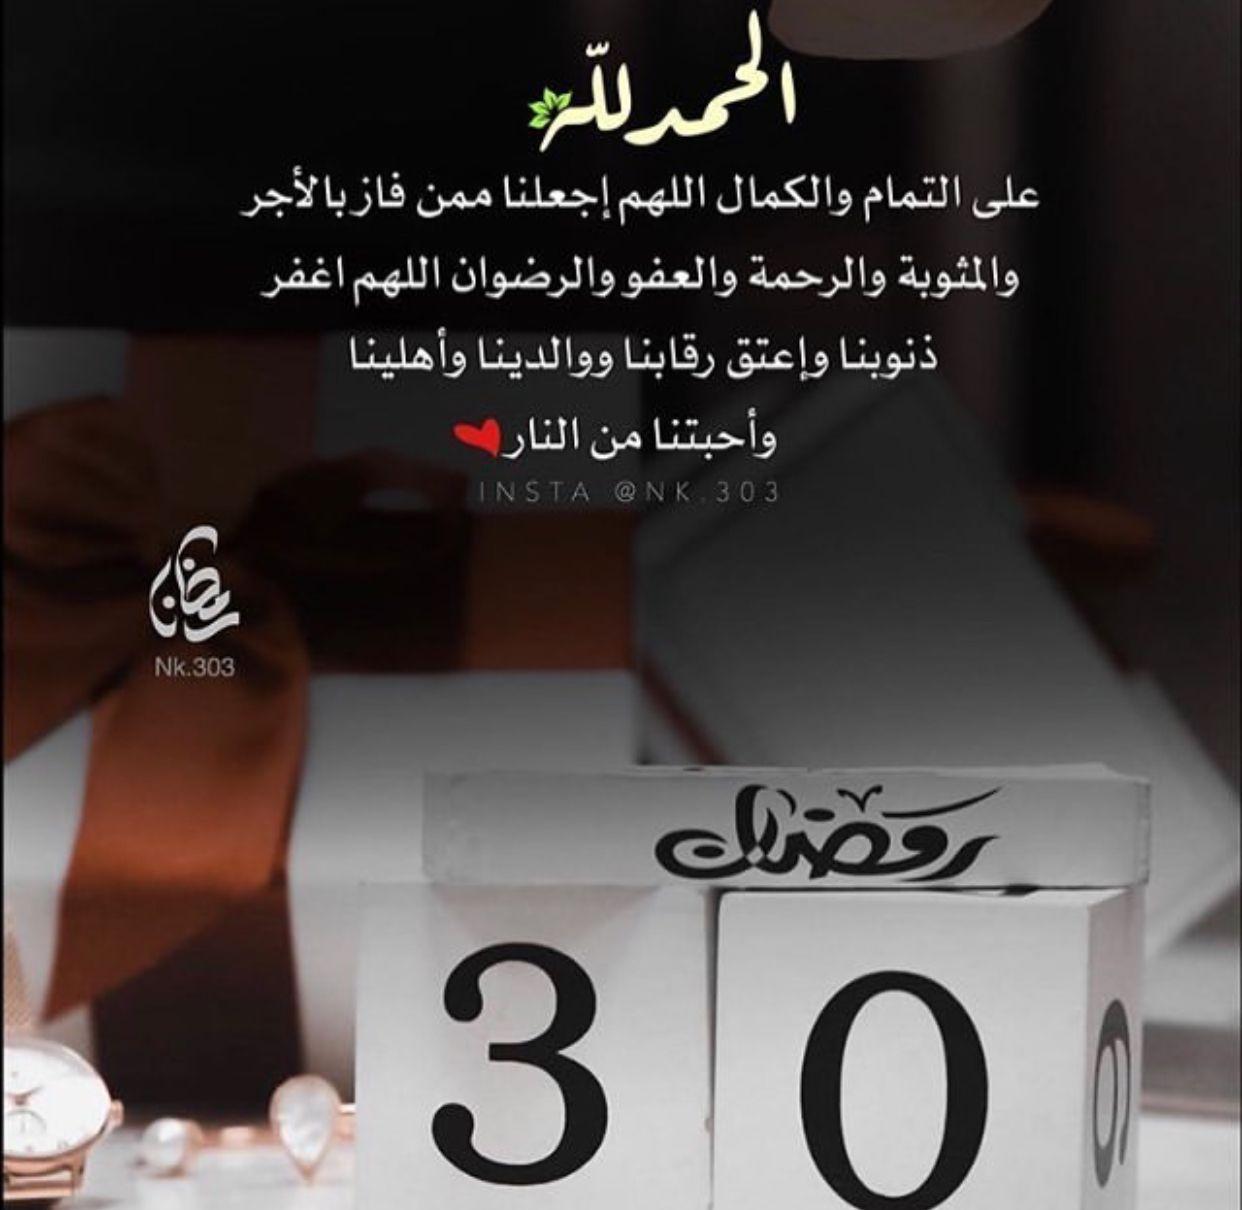 اليوم ٣٠ رمضان Company Logo Tech Company Logos Logos